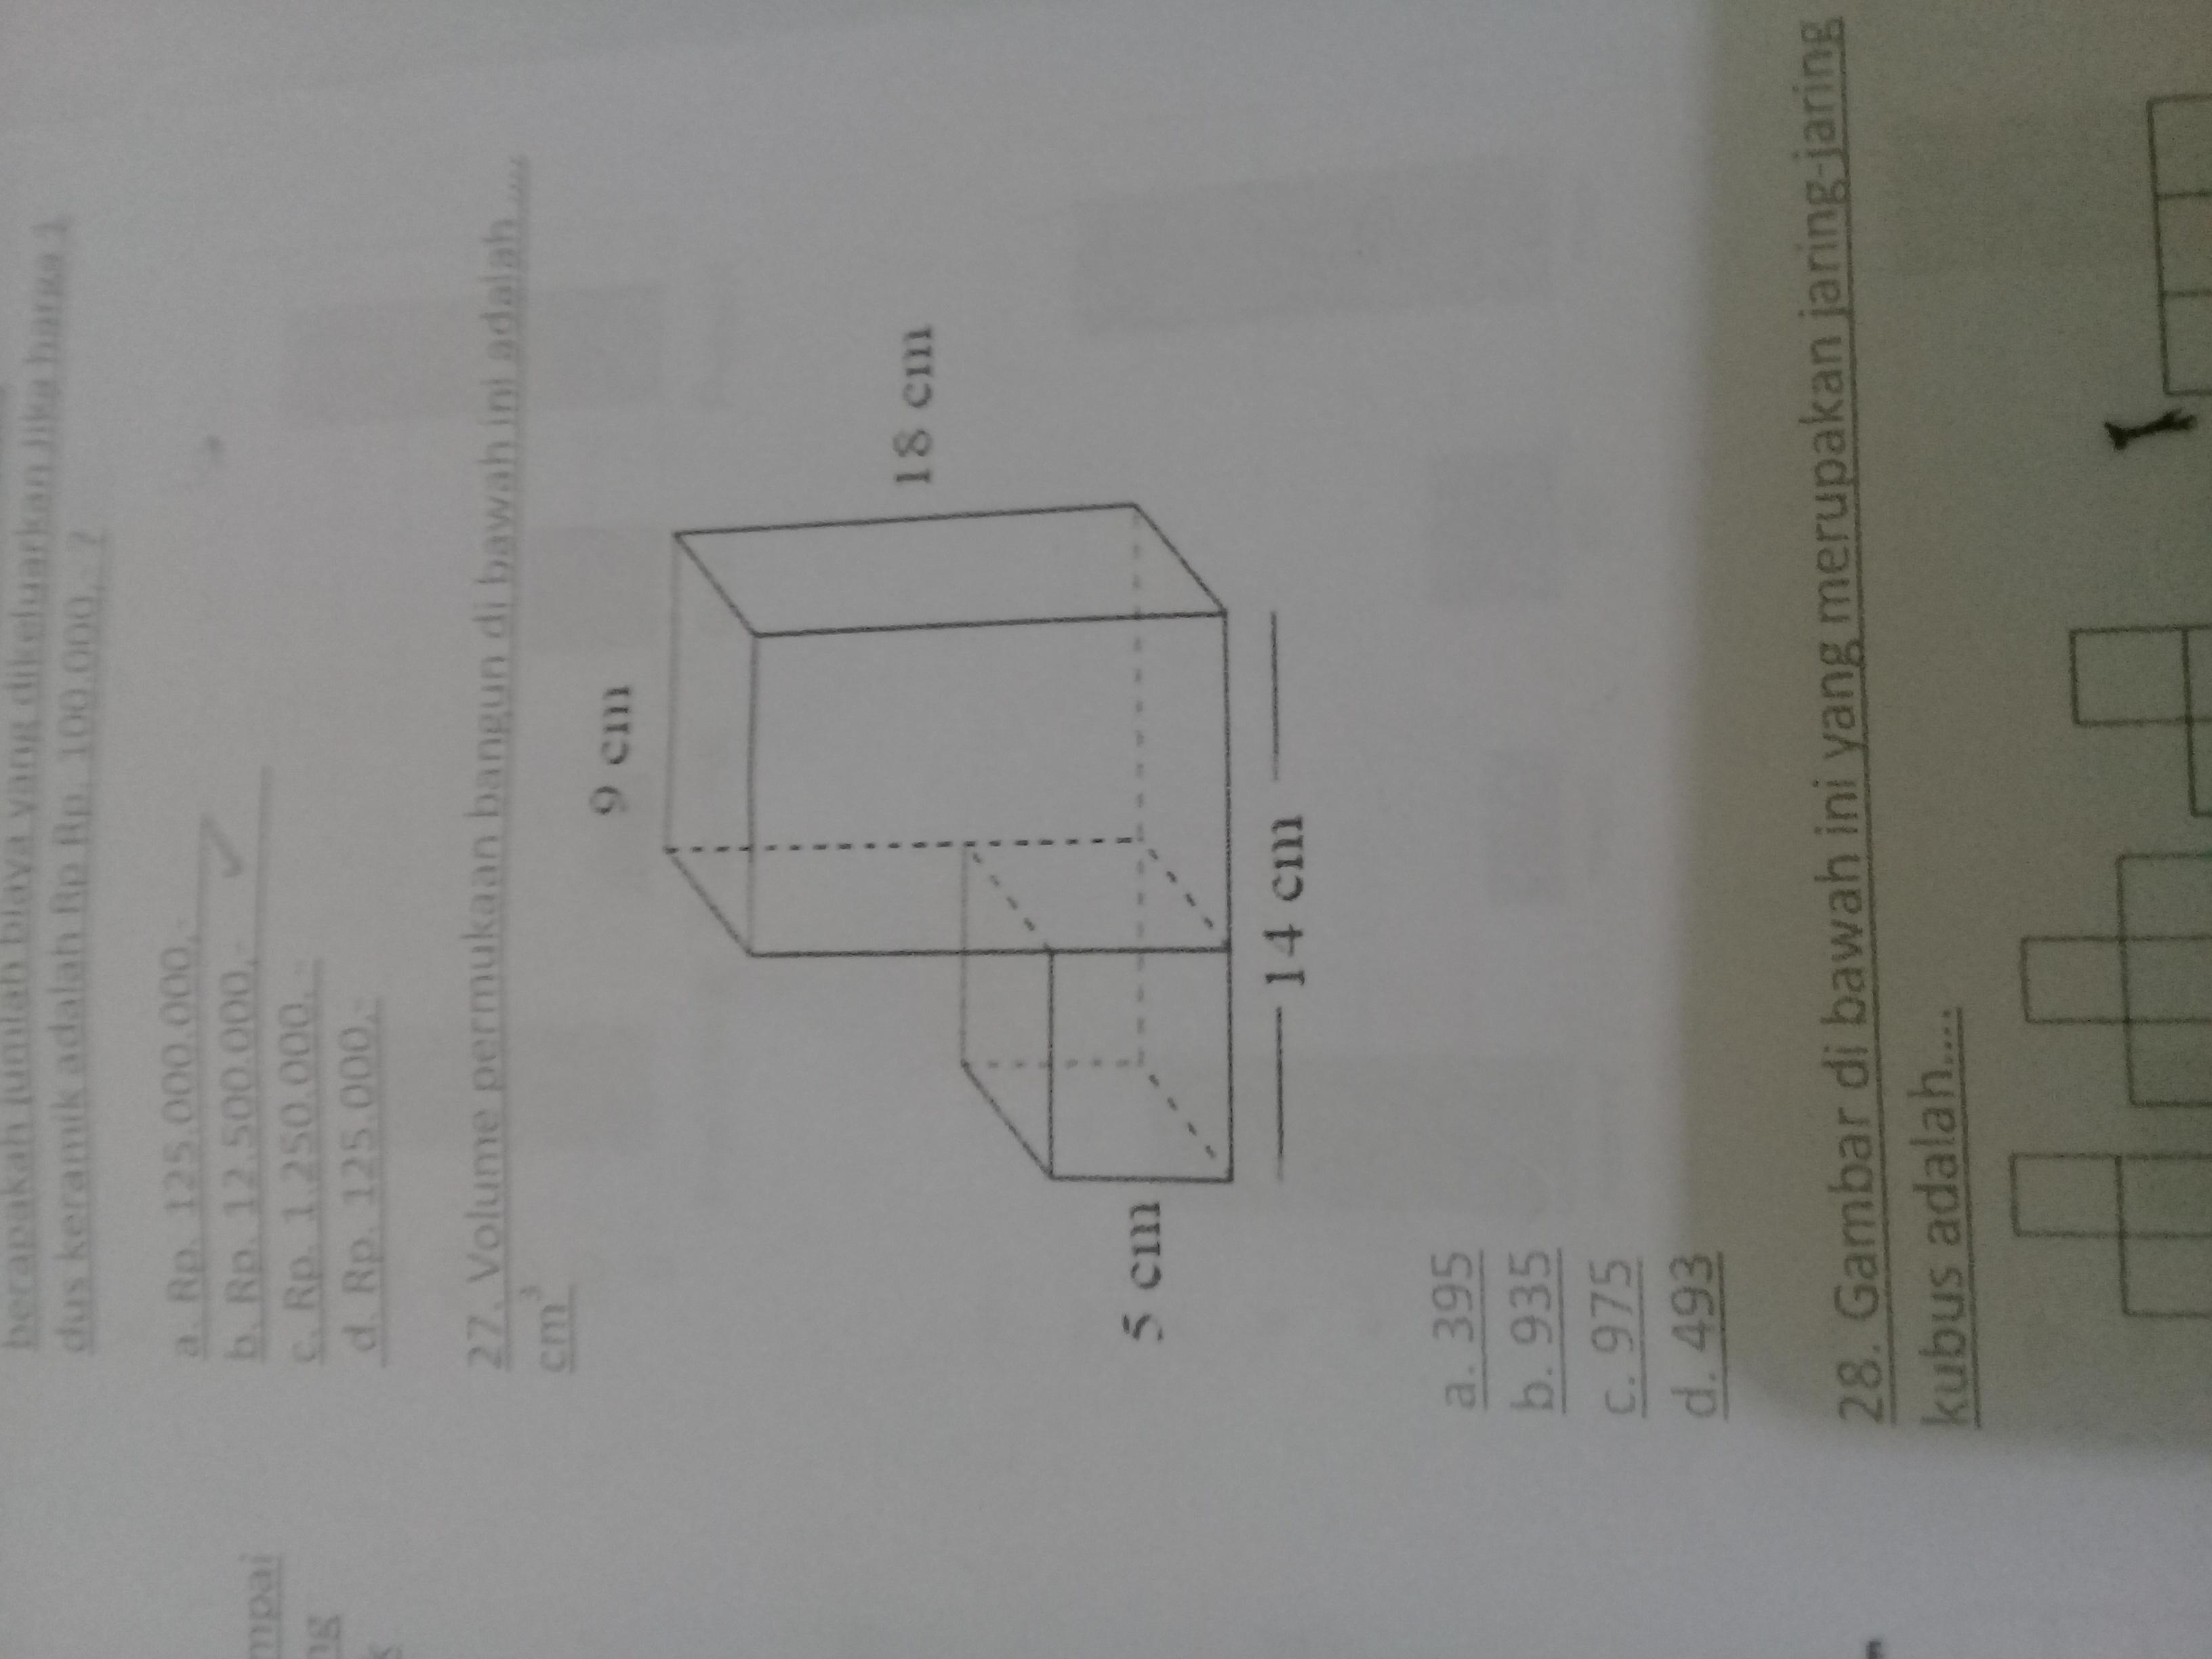 Volume permukaan bangun dibawah ini adalah .... cm3 ...